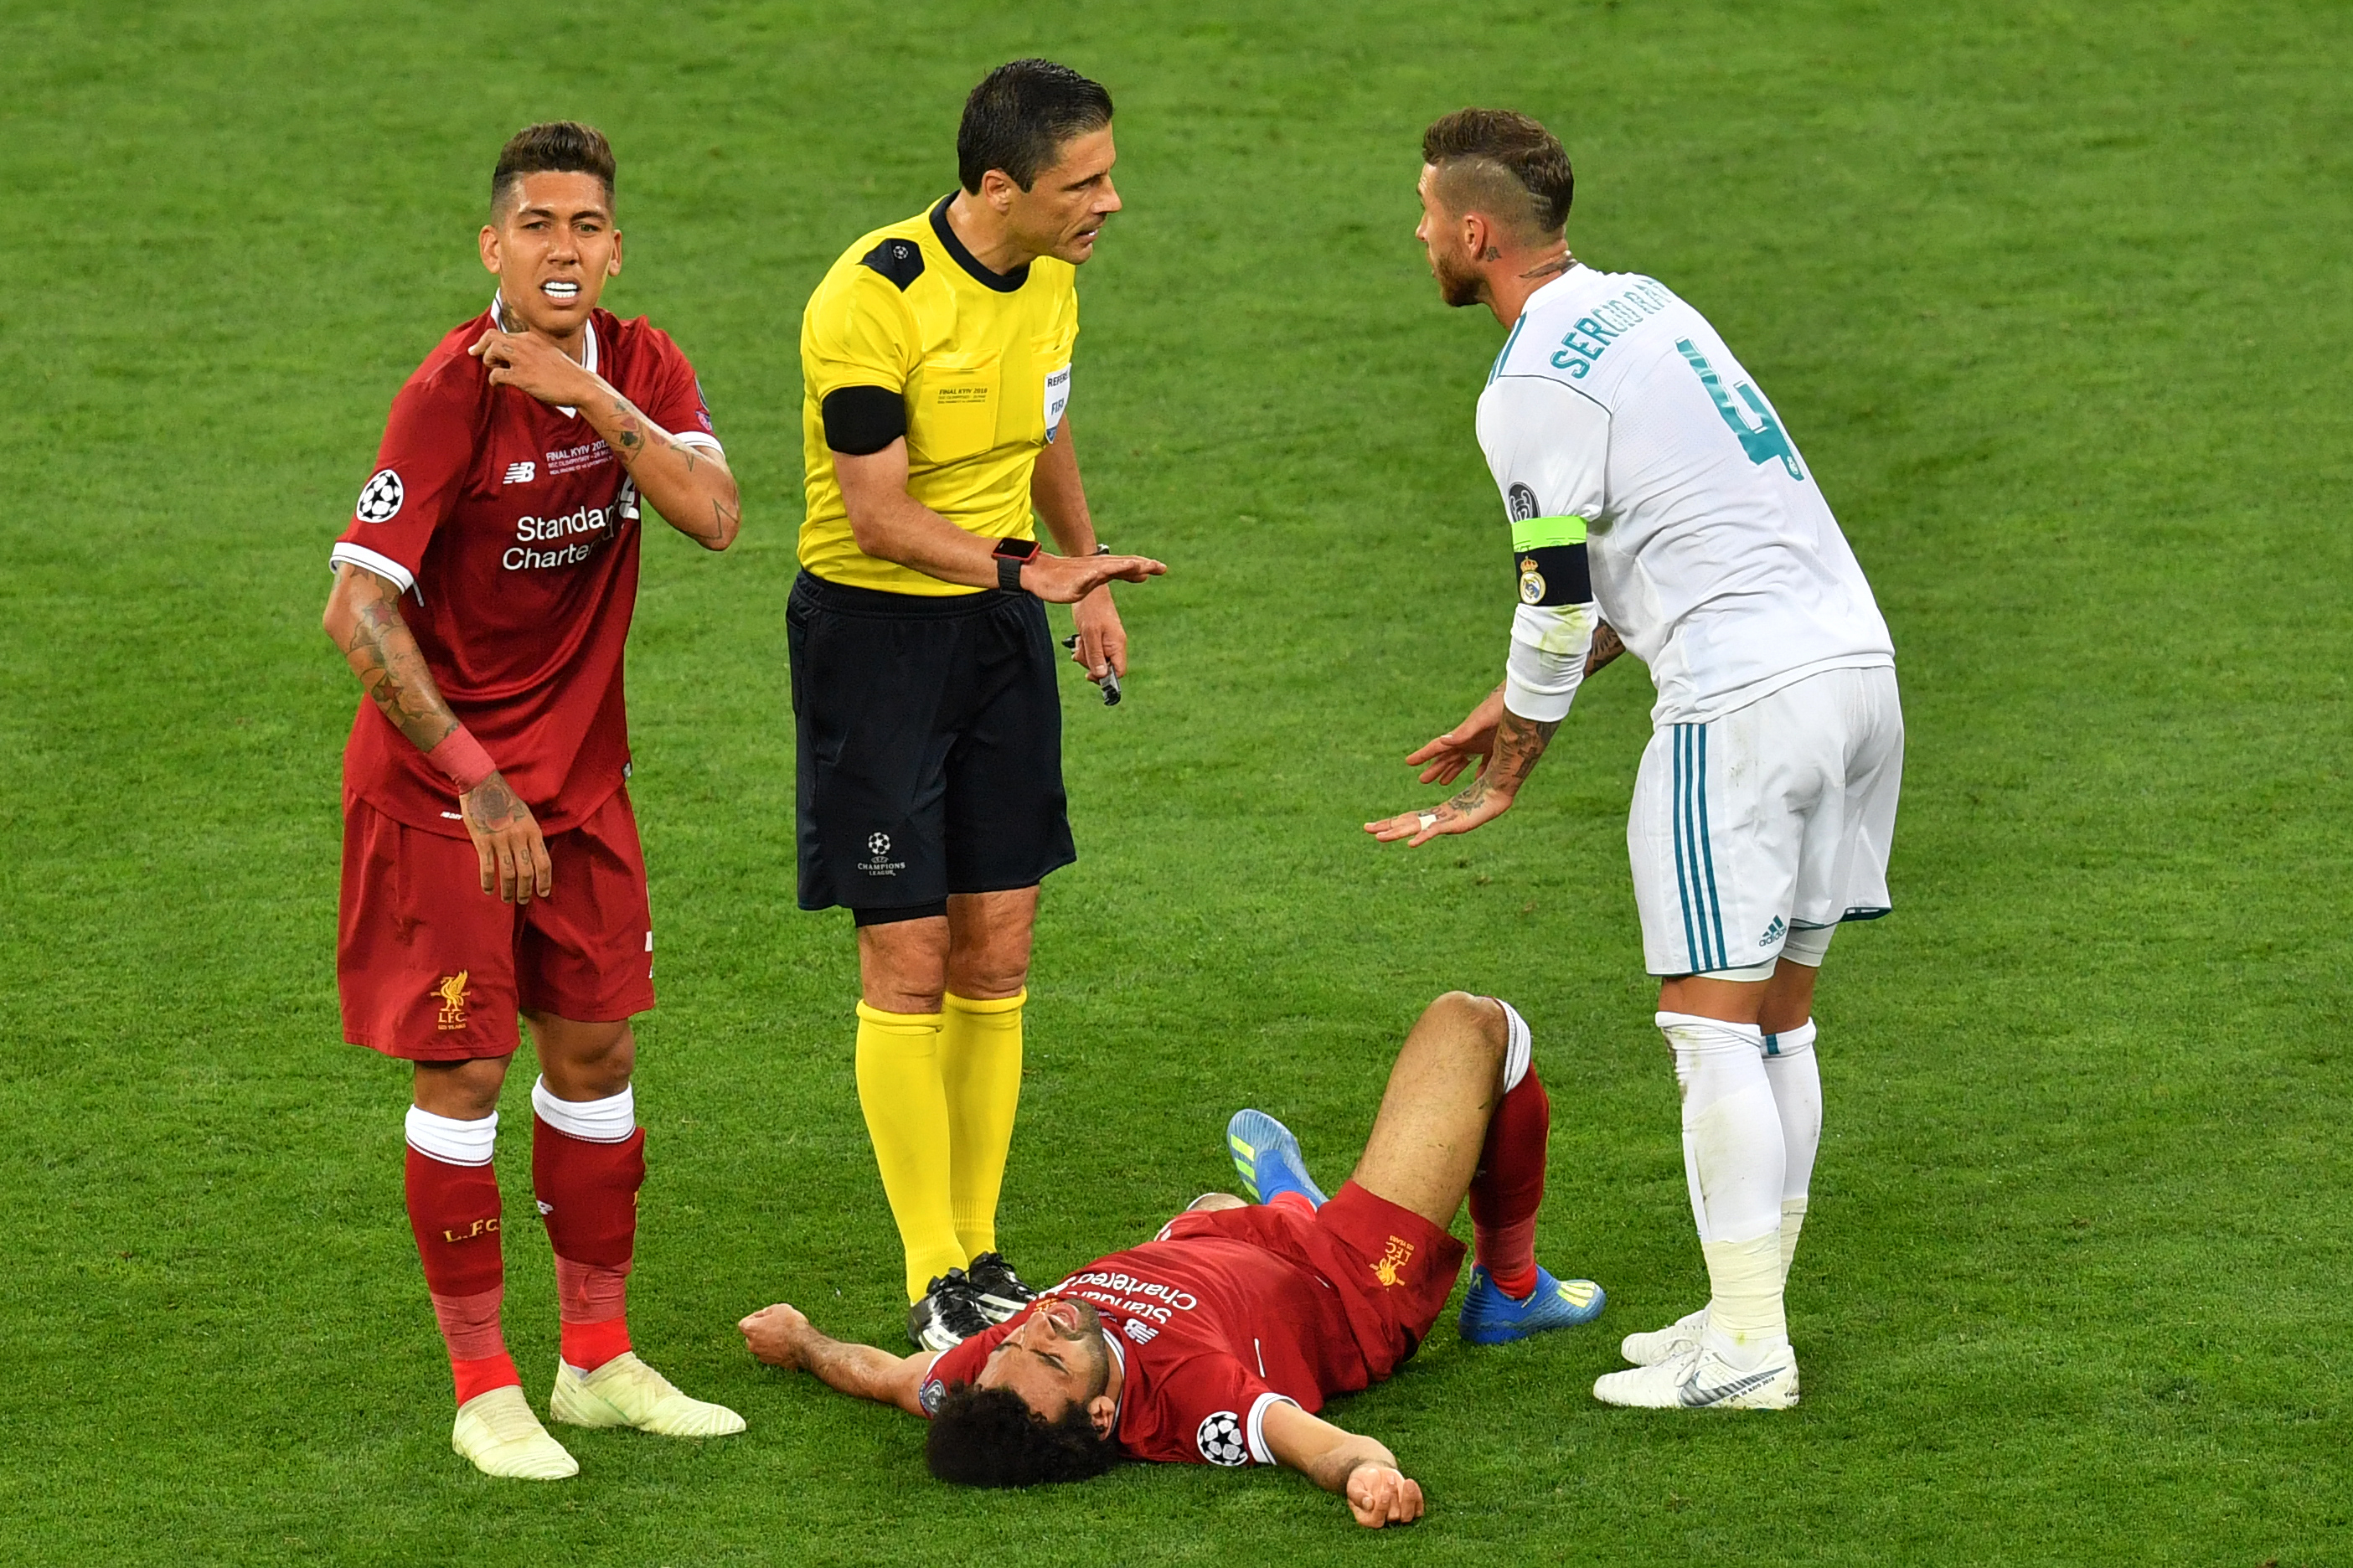 """Ramos: """"Mi lesz a következő? Firmino meg megfázott, mert ráfröccsent az izzadságom?"""""""